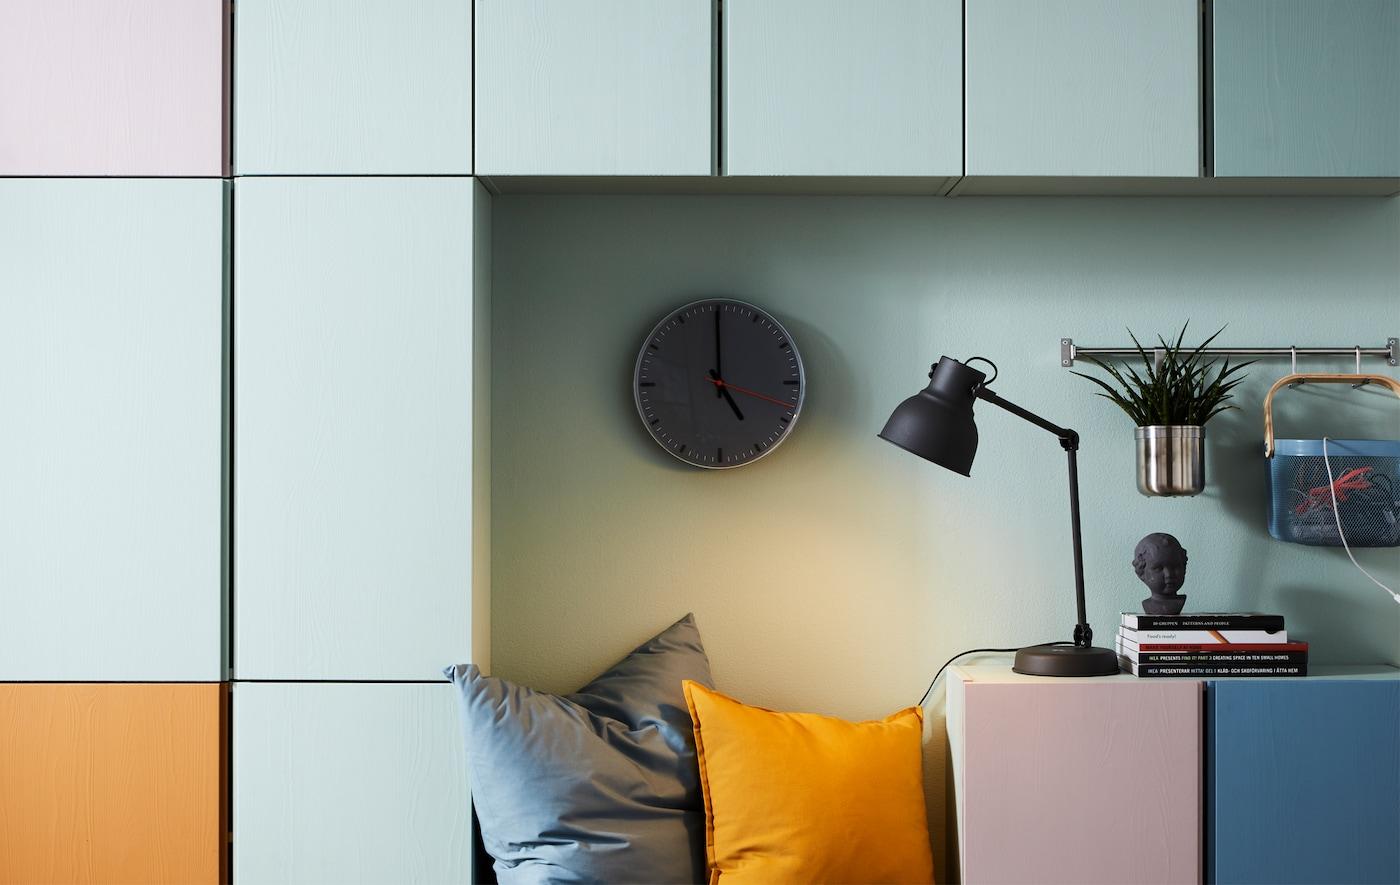 افرز وحدات التخزين IVAR حسب اللون للحصول على تنظيم أفضل وللاستمتاع بمظهرها.